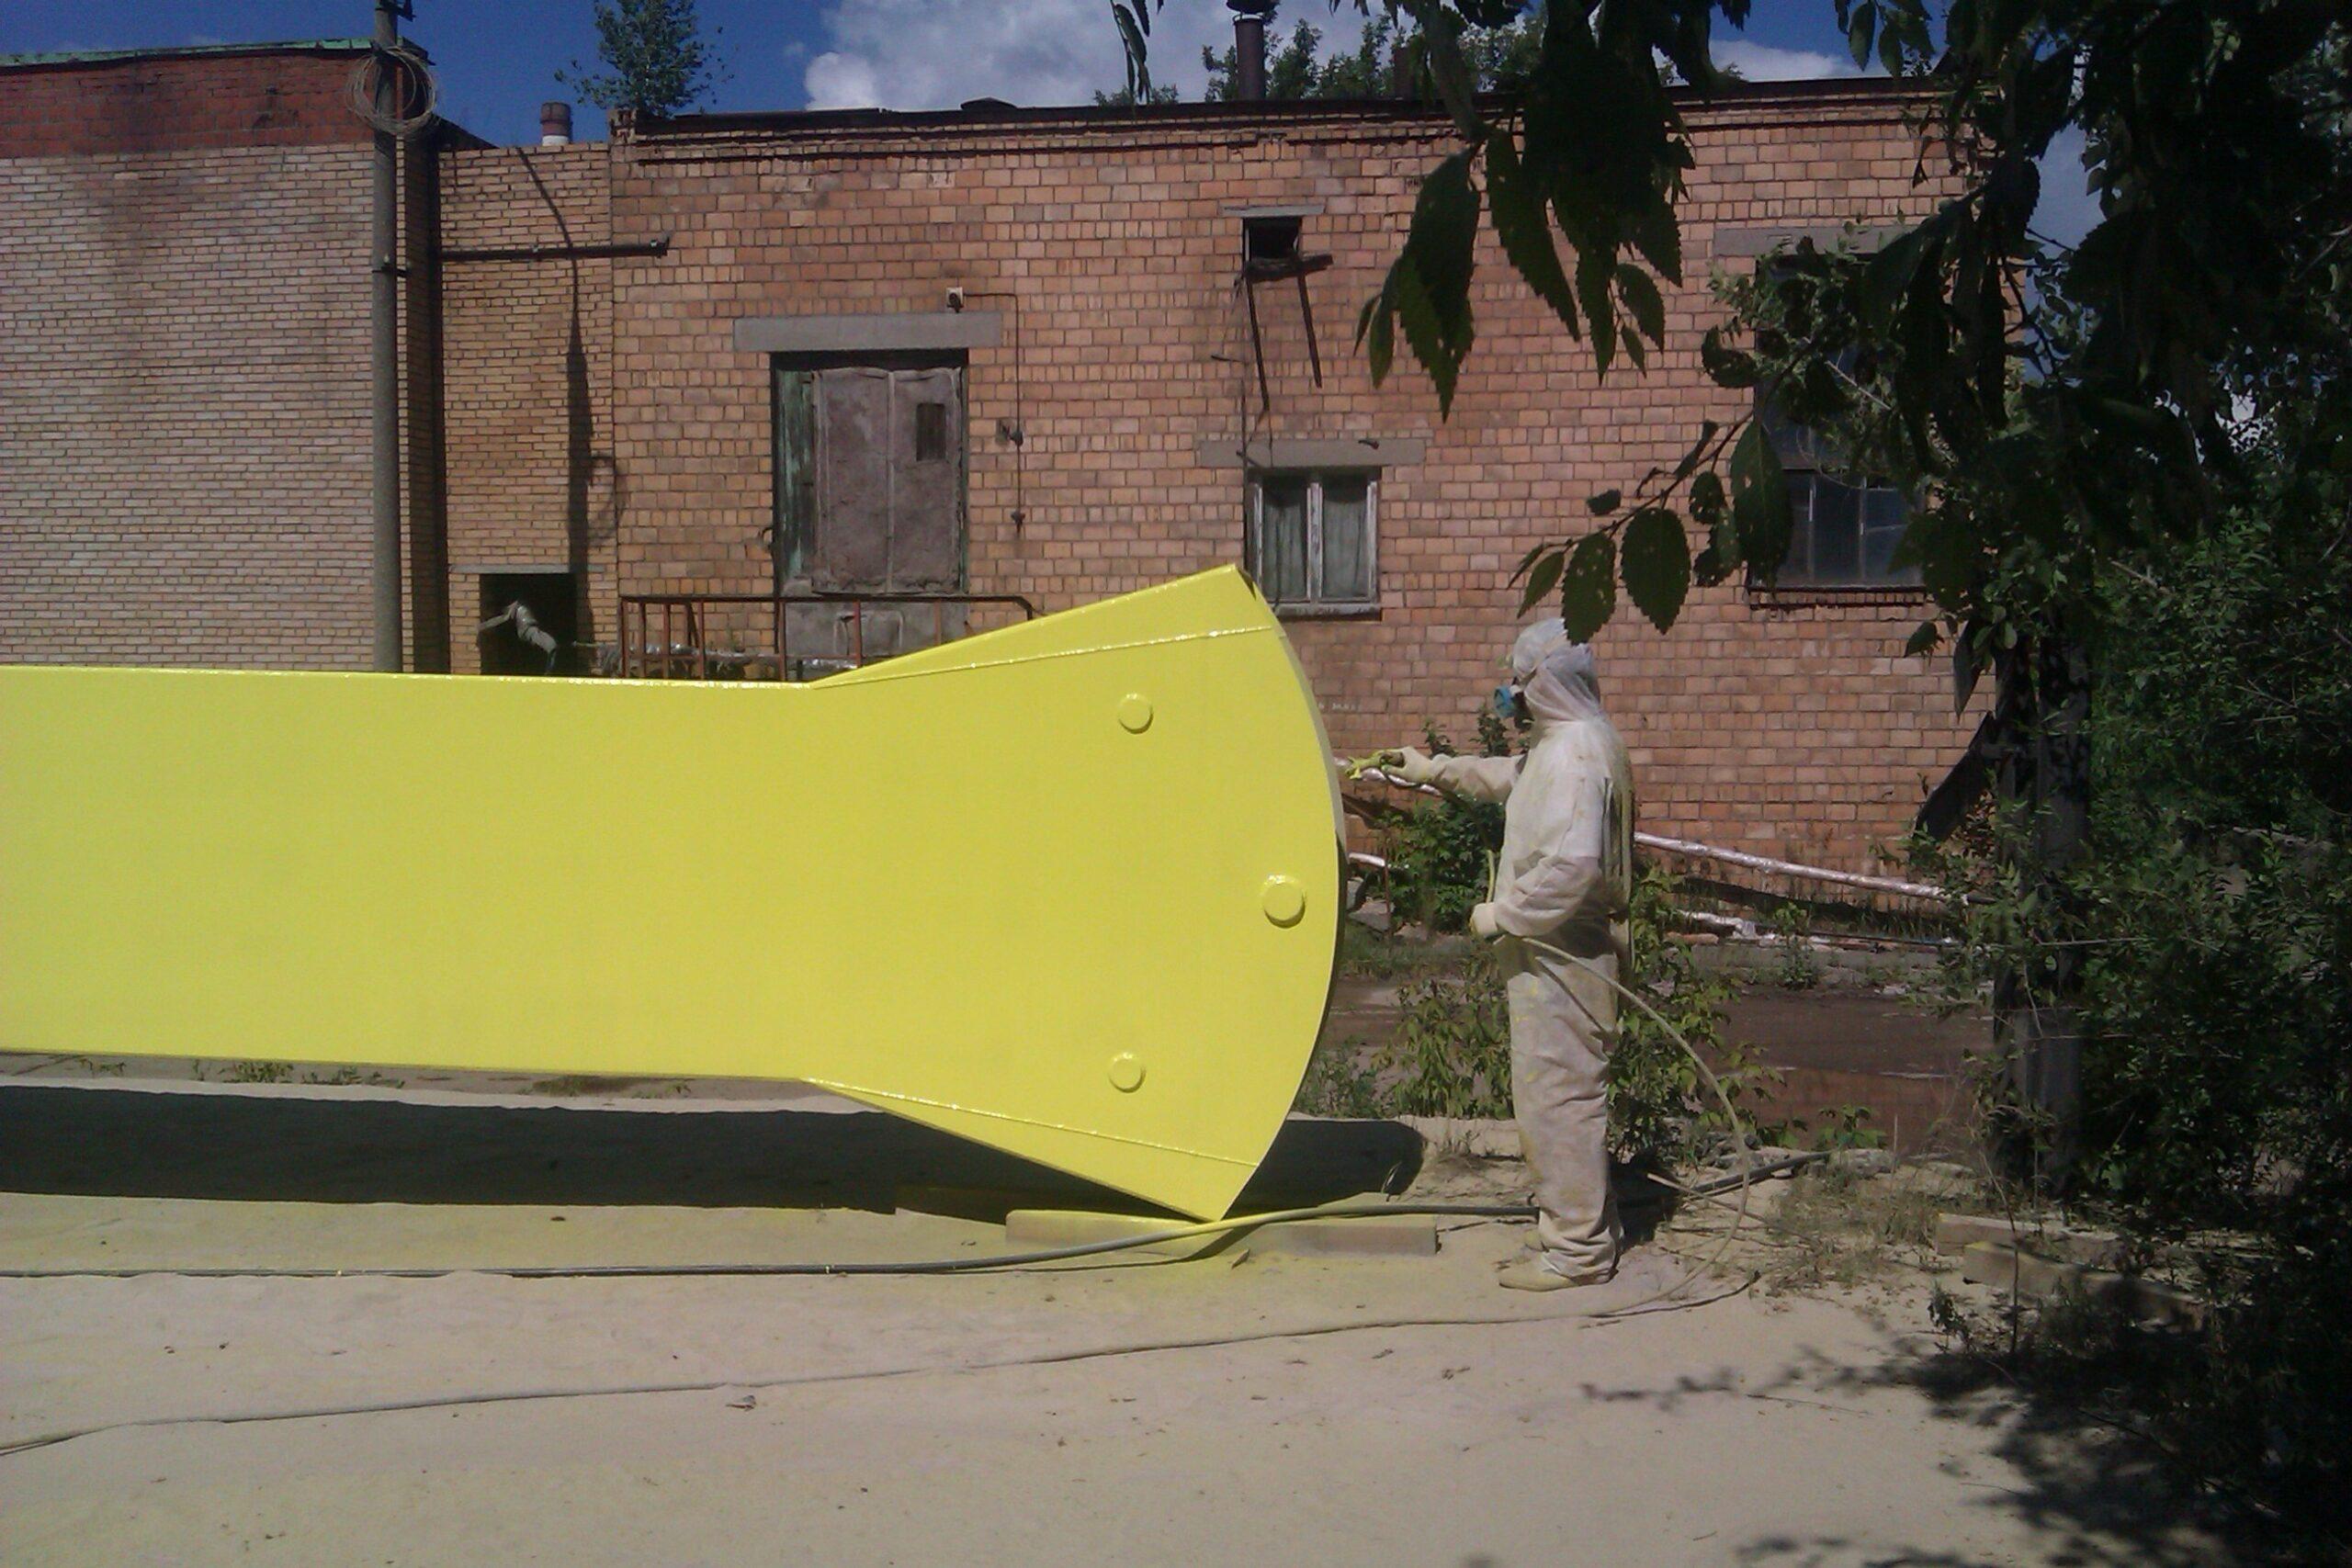 Пескоструйная очистка, цинкование составом Циноферр, окраска аттракциона для парка в г. Тольятти